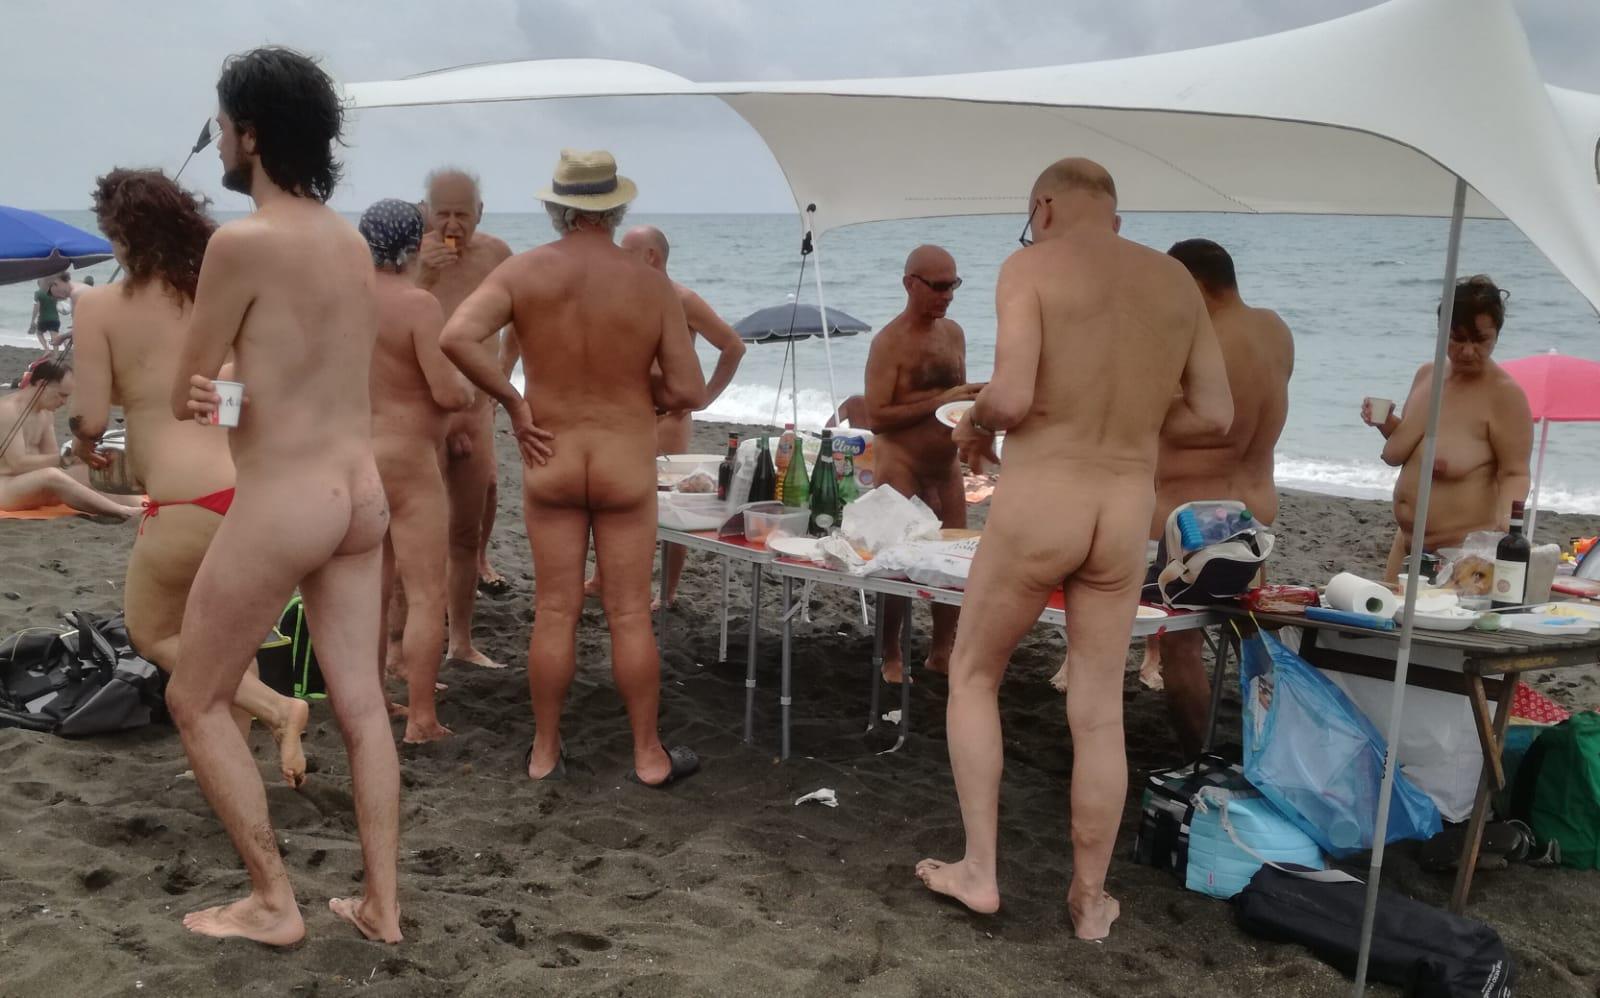 Giornata mondiale del naturismo - Resoconto fotografico - Fenait